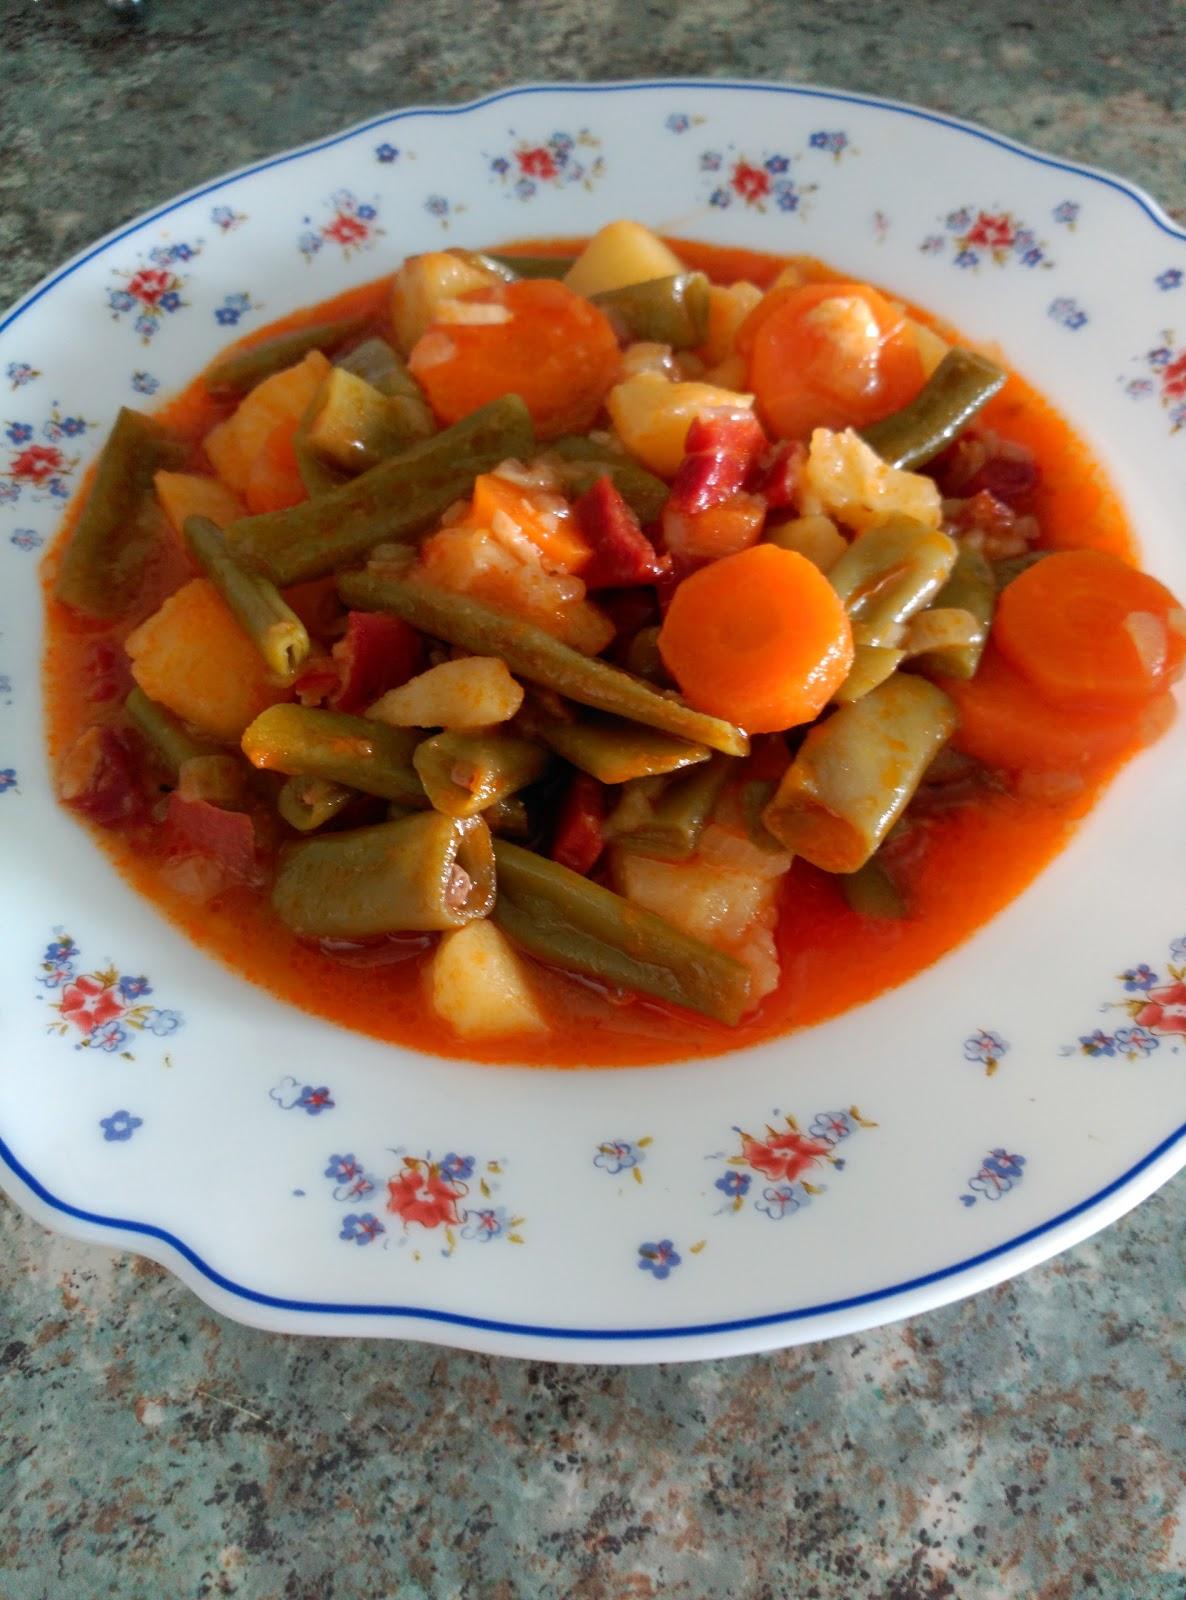 La cocina de isa judias verdes a la jardinera en olla gme - Judias verdes en olla express ...